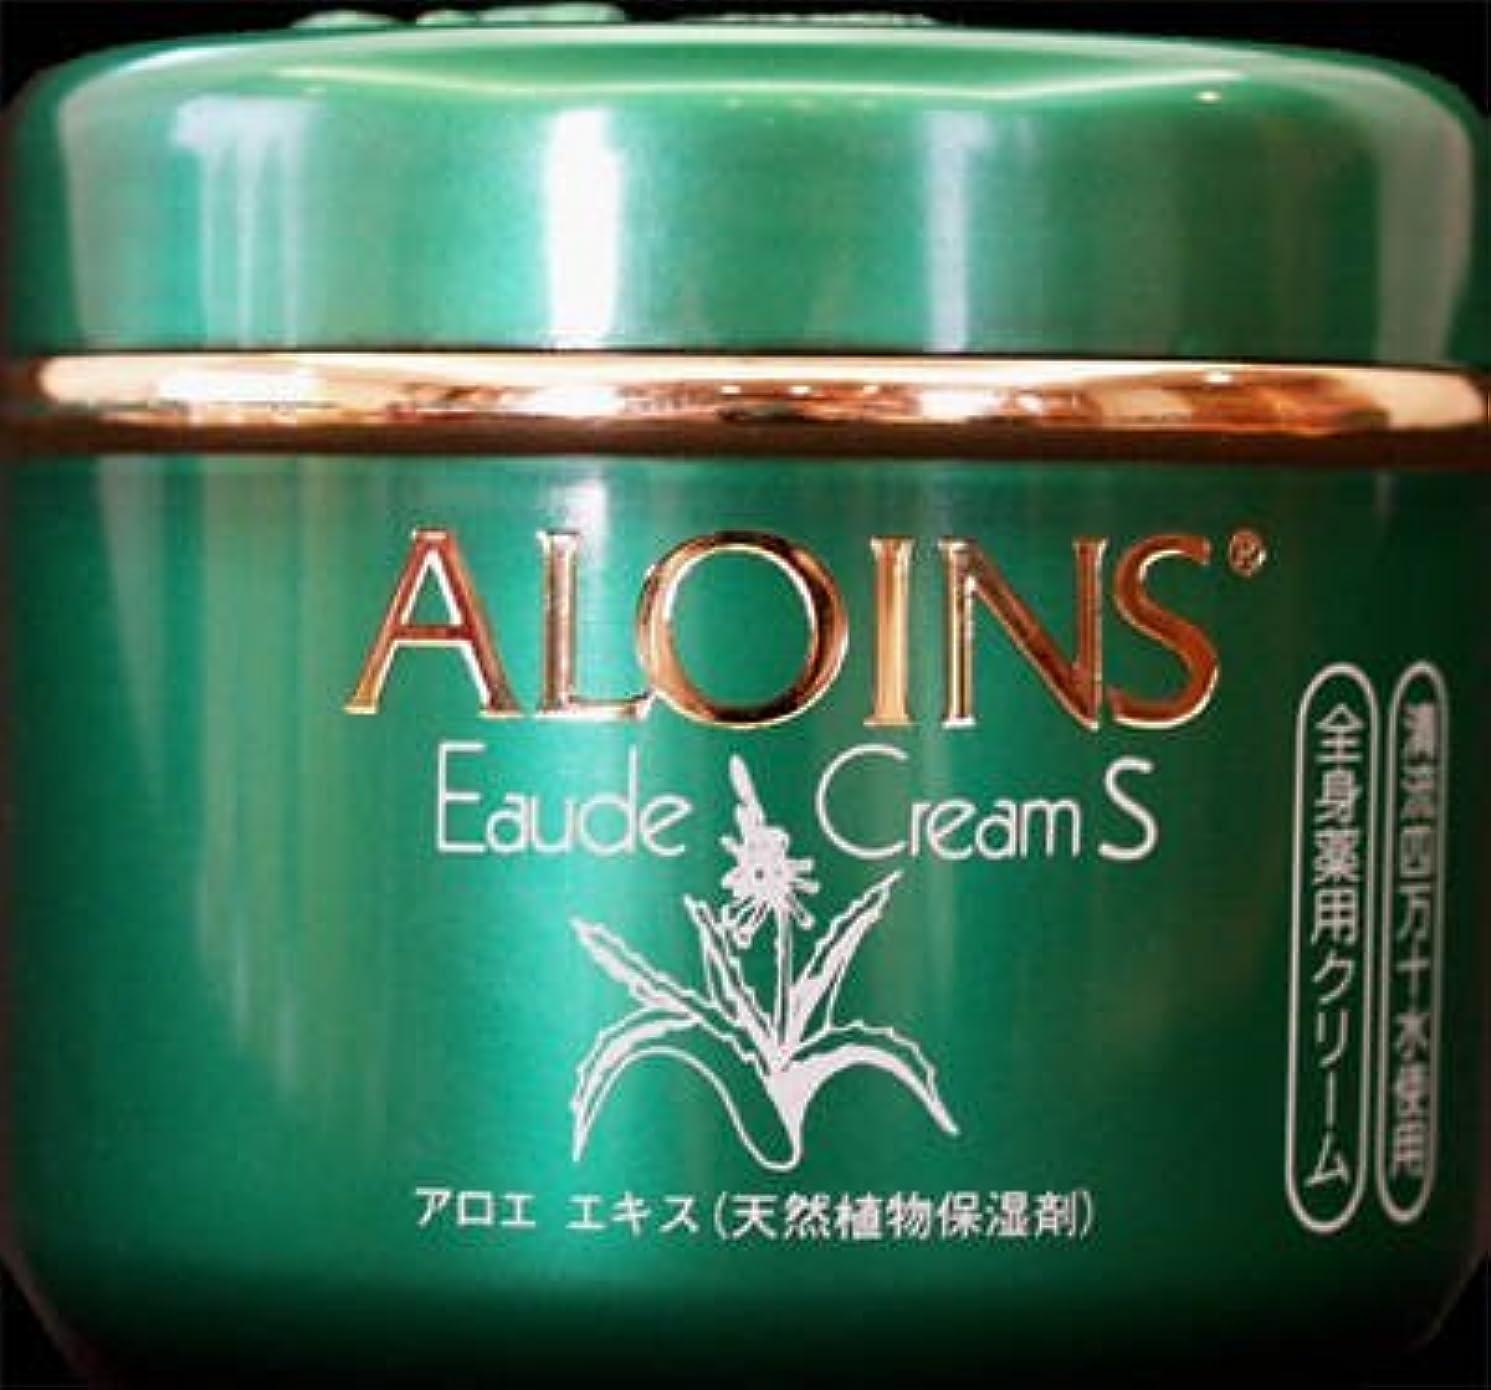 忠実な放置重くする【アロインス化粧品】アロインスオーデクリームS 185g ×3個セット